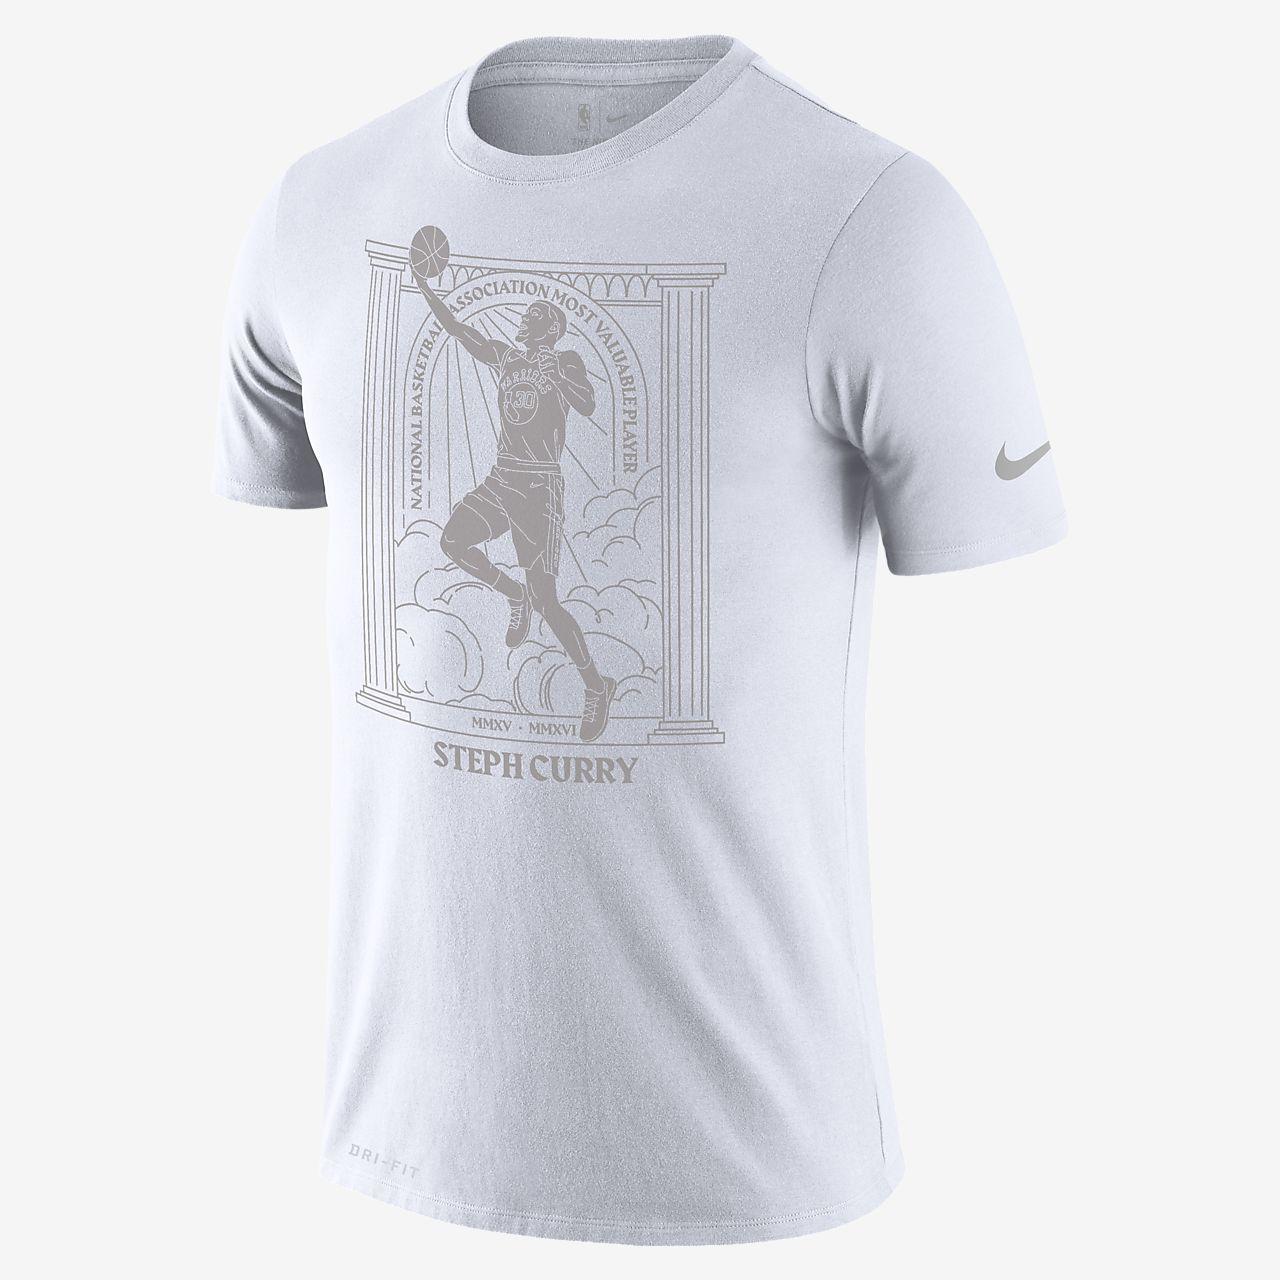 【プロモーション対象外】ステフィン カリー ウォリアーズ MVP メンズ ナイキ Dri-FIT NBA Tシャツ